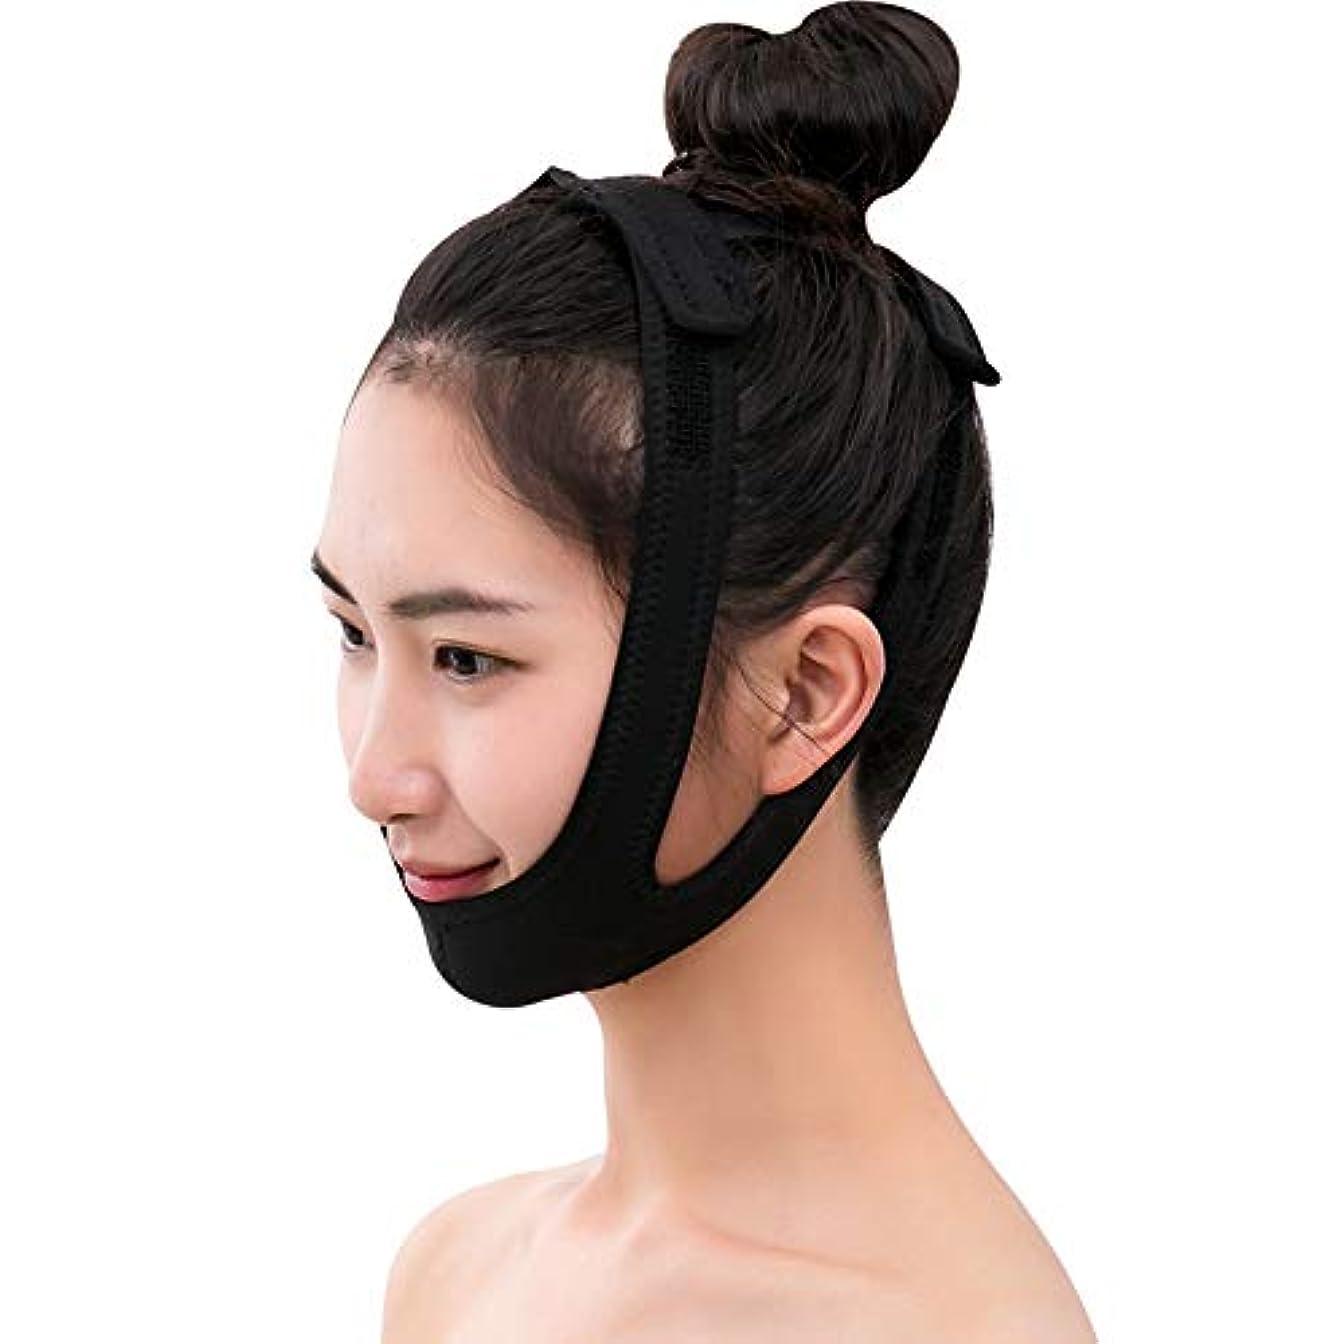 優れただらしないキャンバスMinmin フェイシャルリフティング痩身ベルト圧縮二重あご減量ベルトスキンケア薄い顔包帯二重あごワークアウト みんみんVラインフェイスマスク